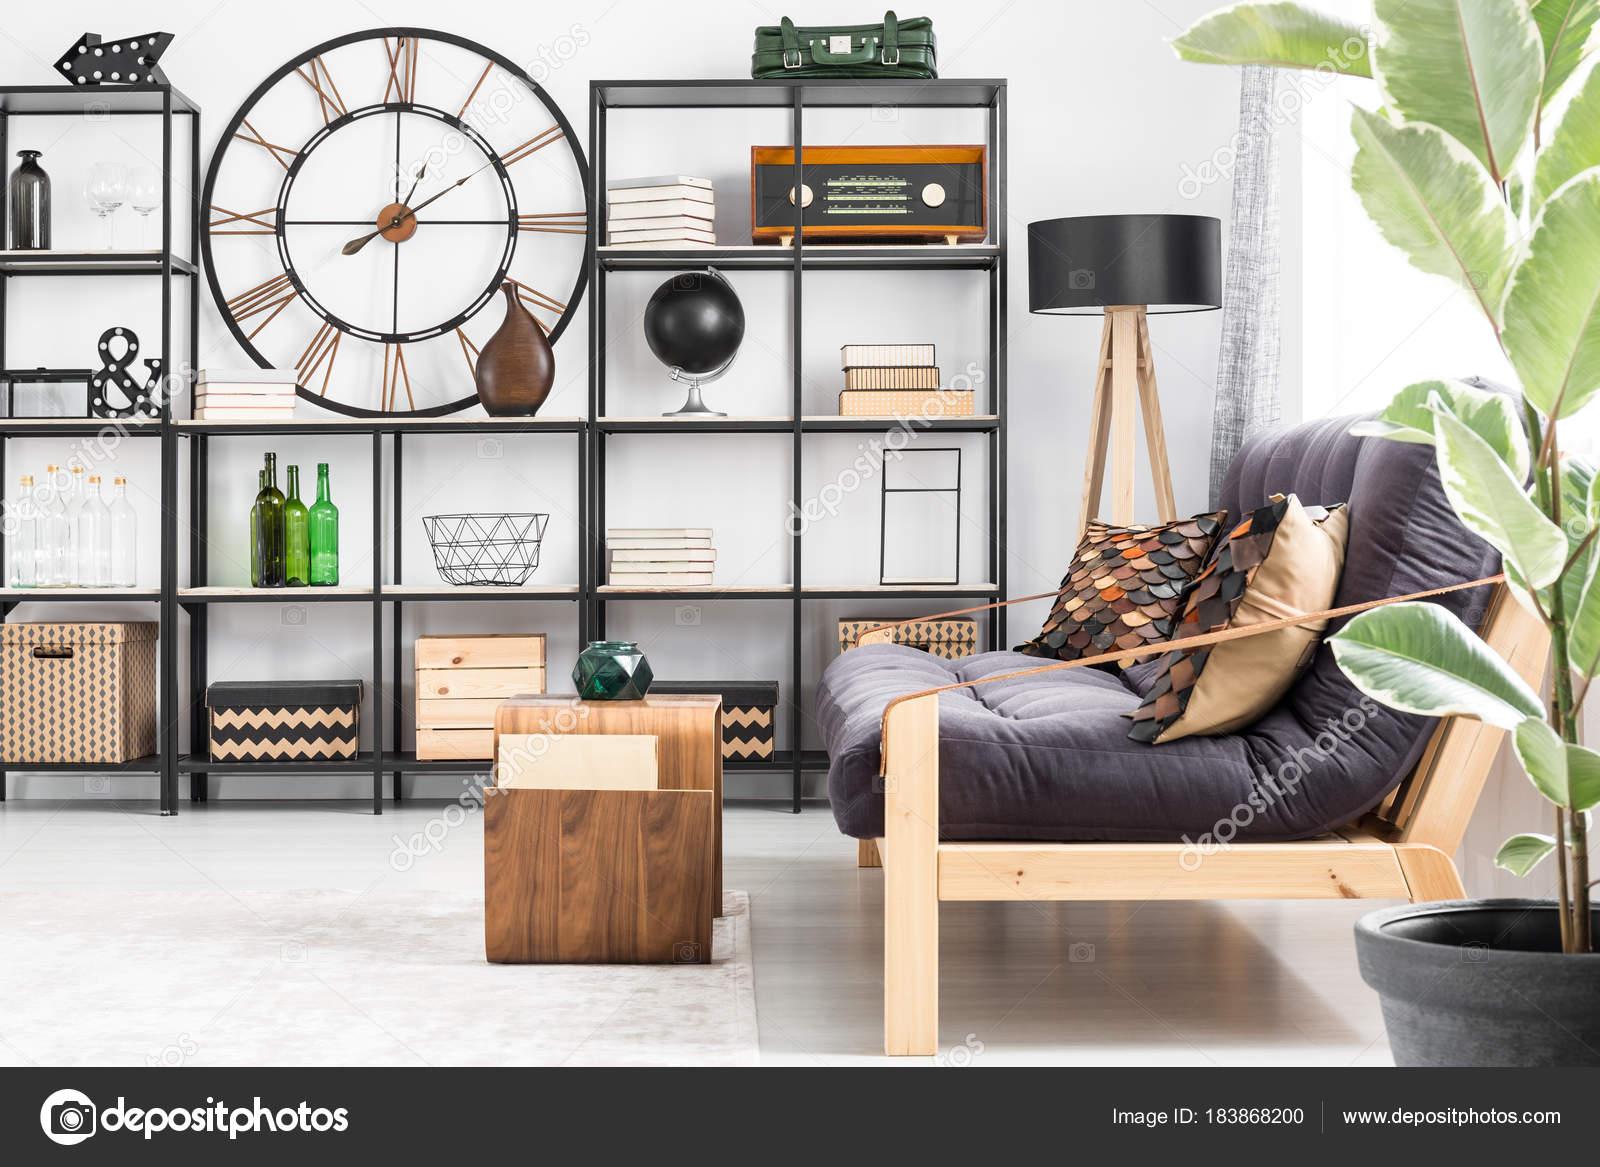 Wohnzimmer Innenraum Mit Radio Stockfoto C Photographee Eu